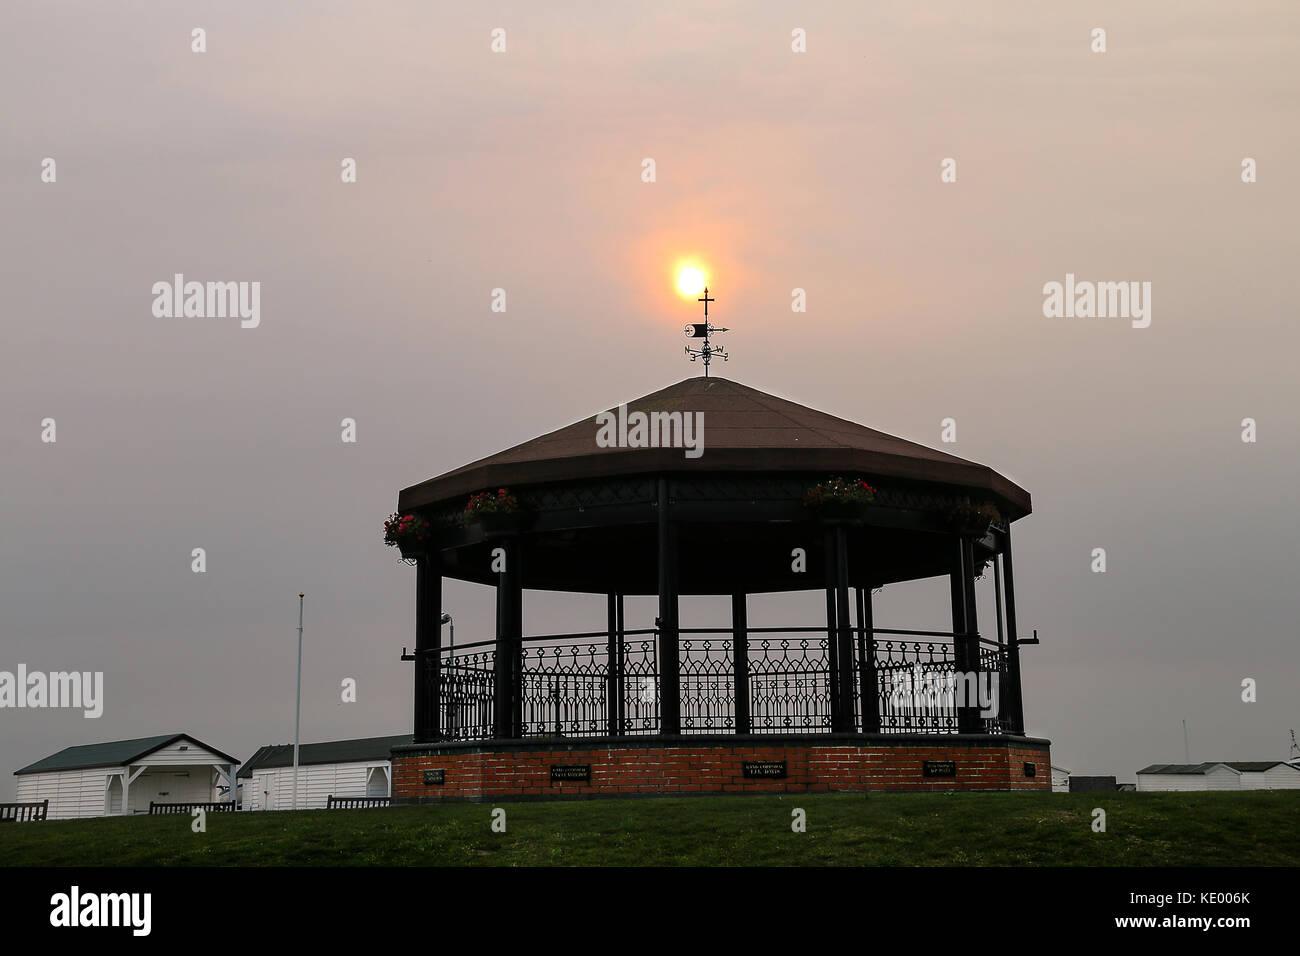 Mmeorial Bandstand - Saharan Sky - Stock Image